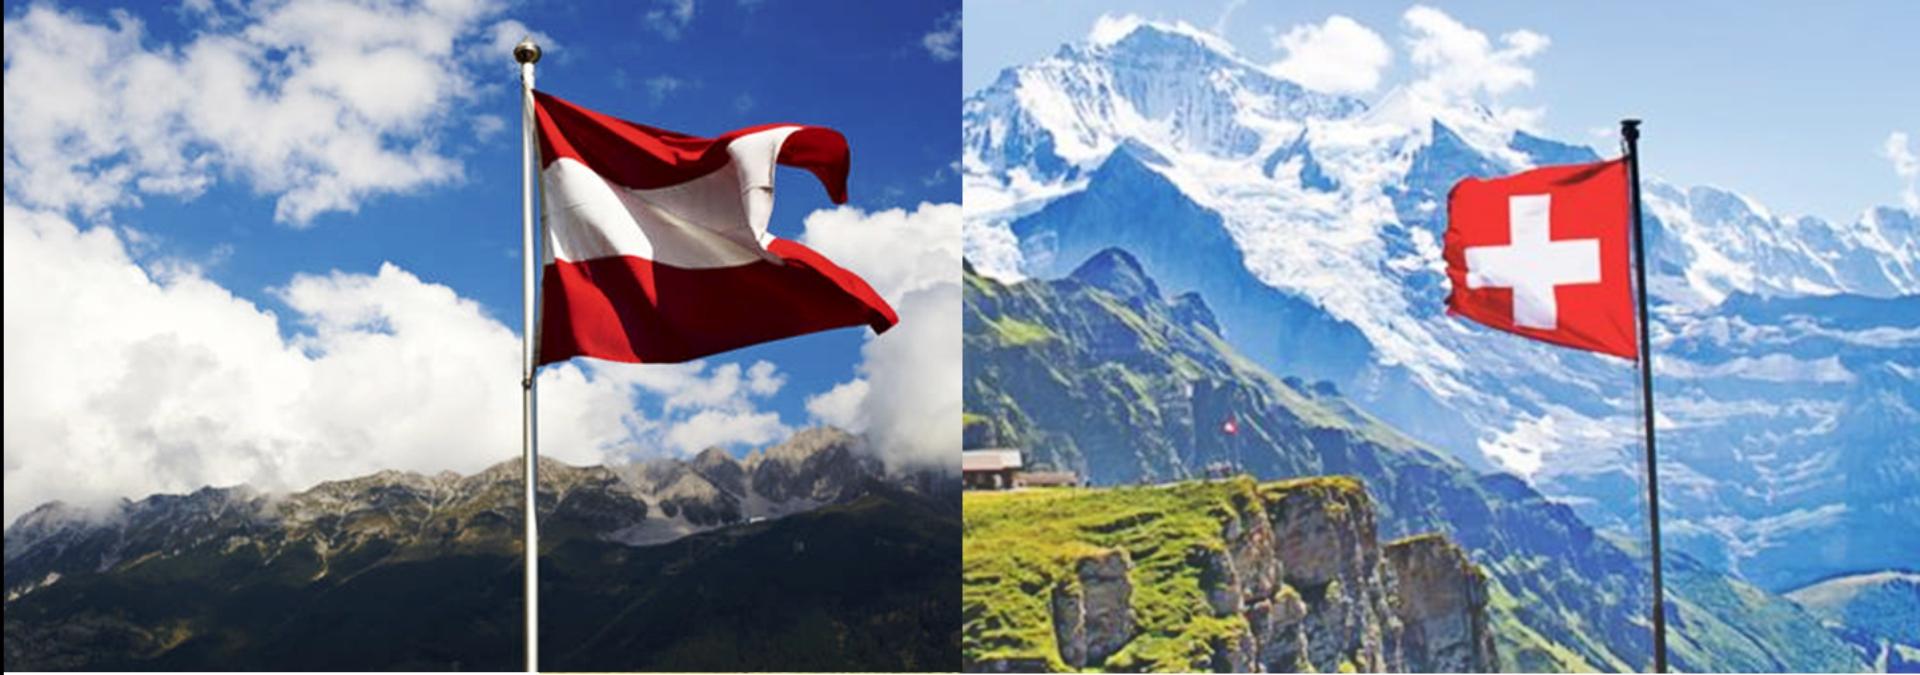 Schweiz und Österreich – ein Nichtverhältnis?